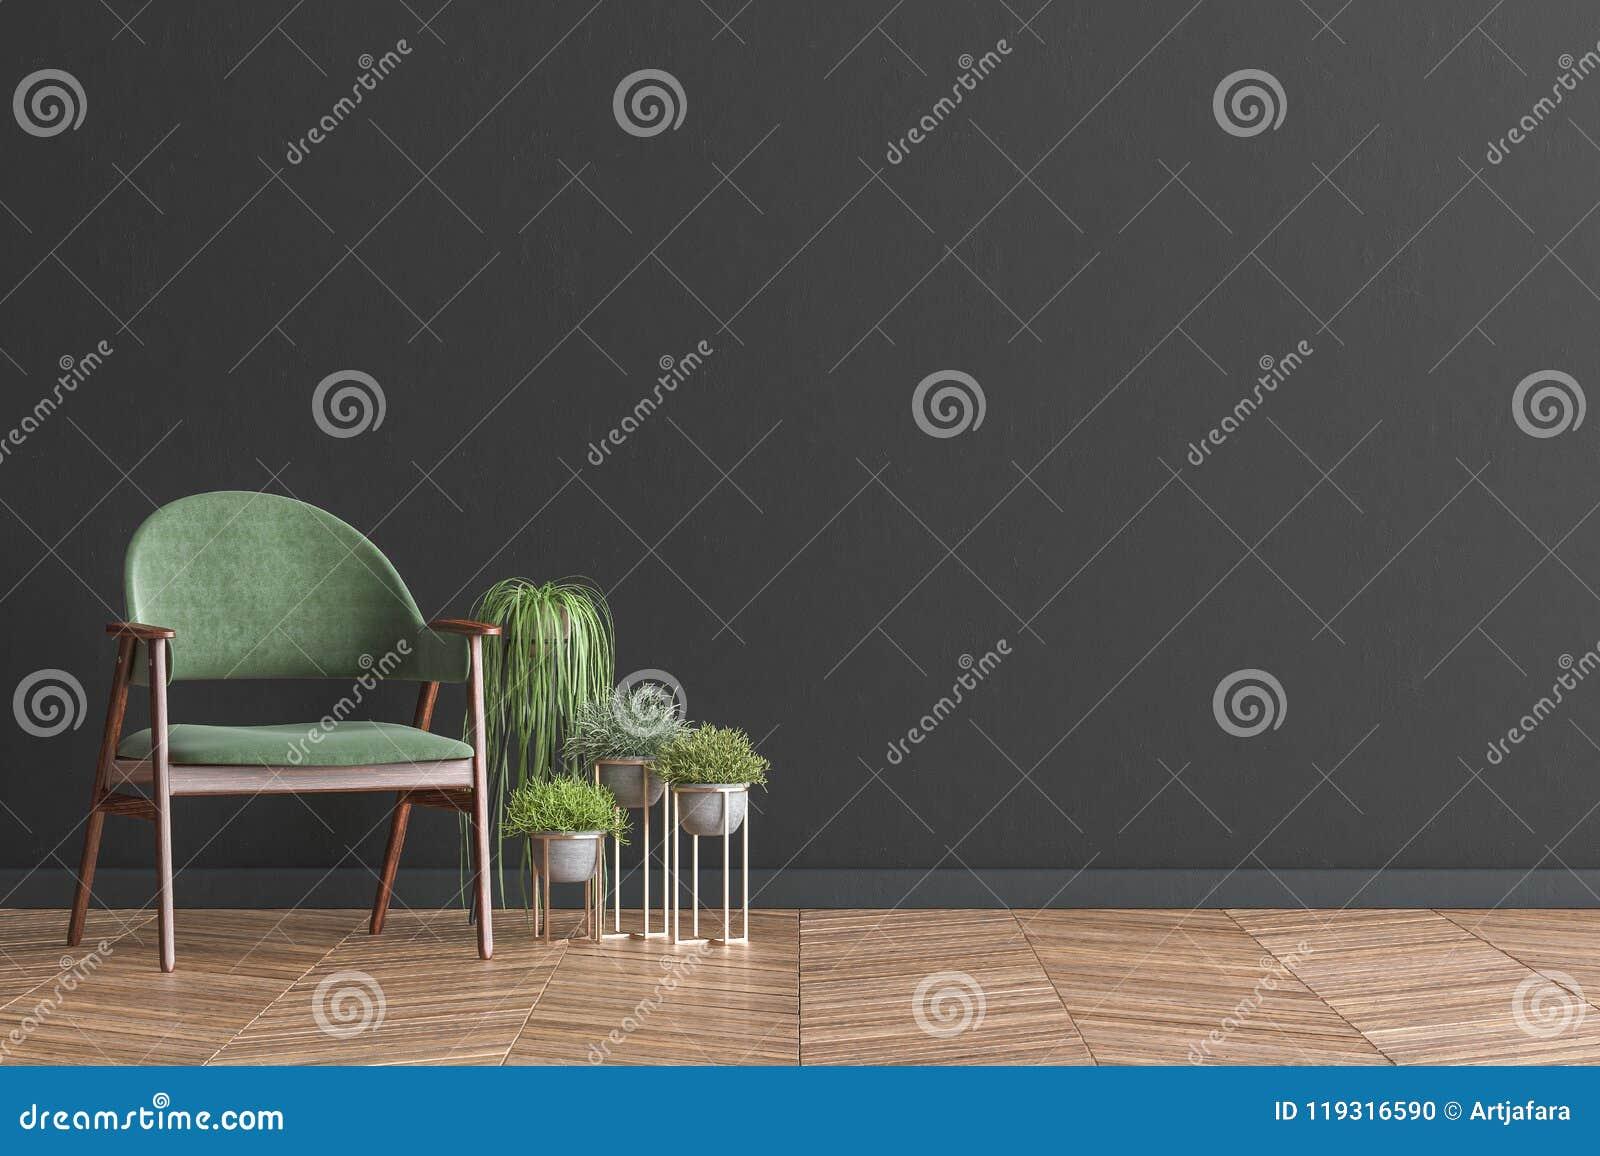 Woonkamer Zwarte Muur : Stoel met installaties in spot van de woonkamer de binnenlandse